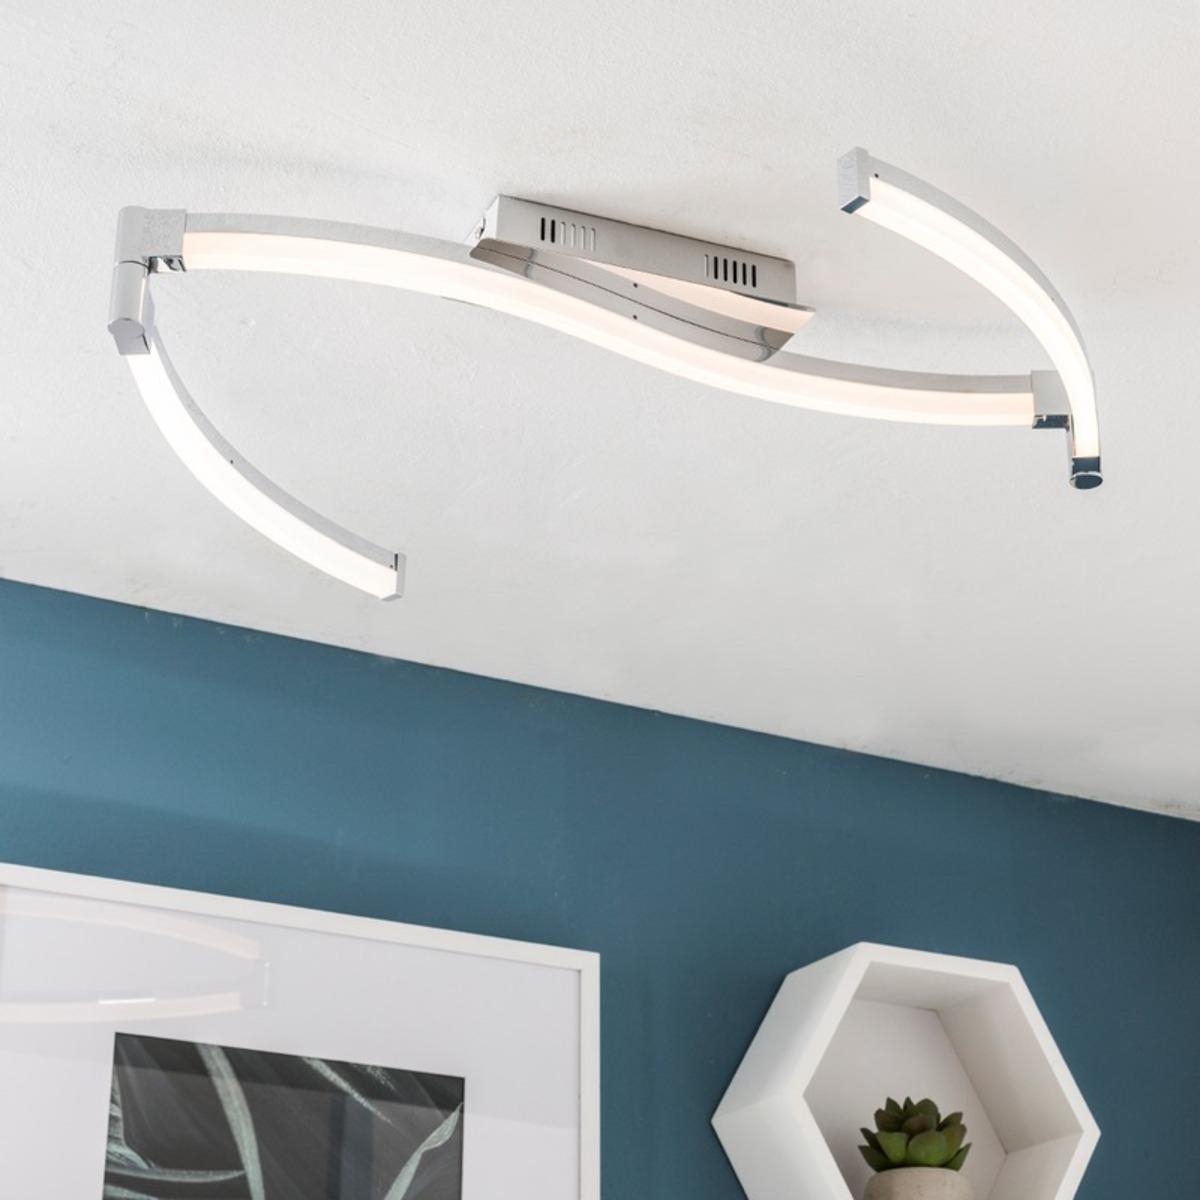 Bild 3 von DesignLive LED-Deckenleuchte AMSTERDAM